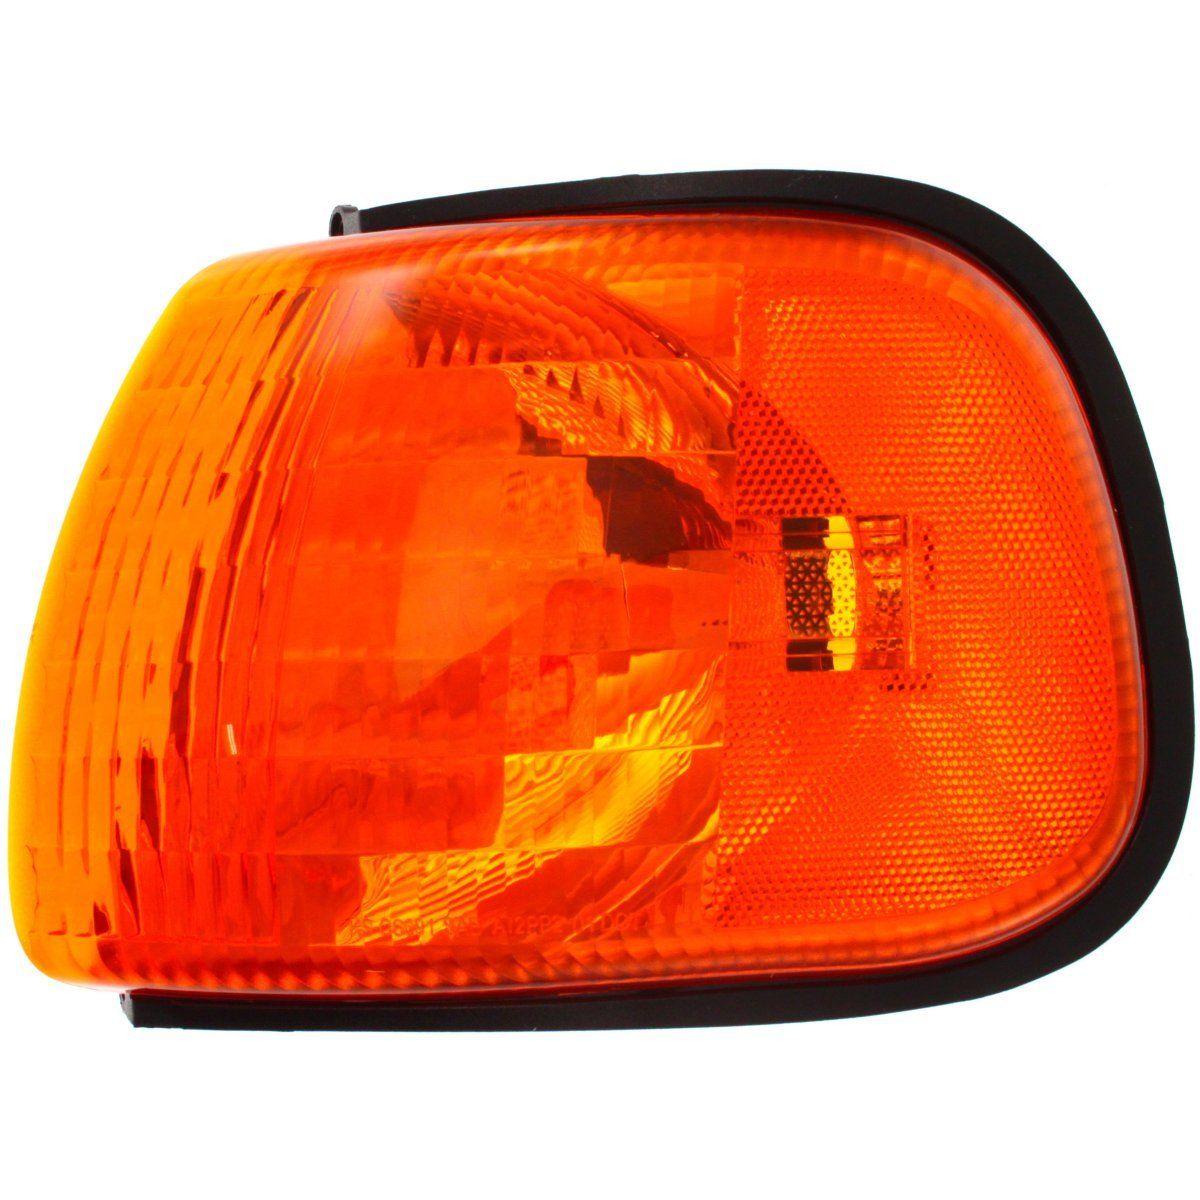 コーナーライト Corner Light For 99-2003 Dodge Ram 1500 Van Ram 3500 Van Driver Side コーナーライト99-2003ダッジラム1500バンラム3500バンドライバーサイド